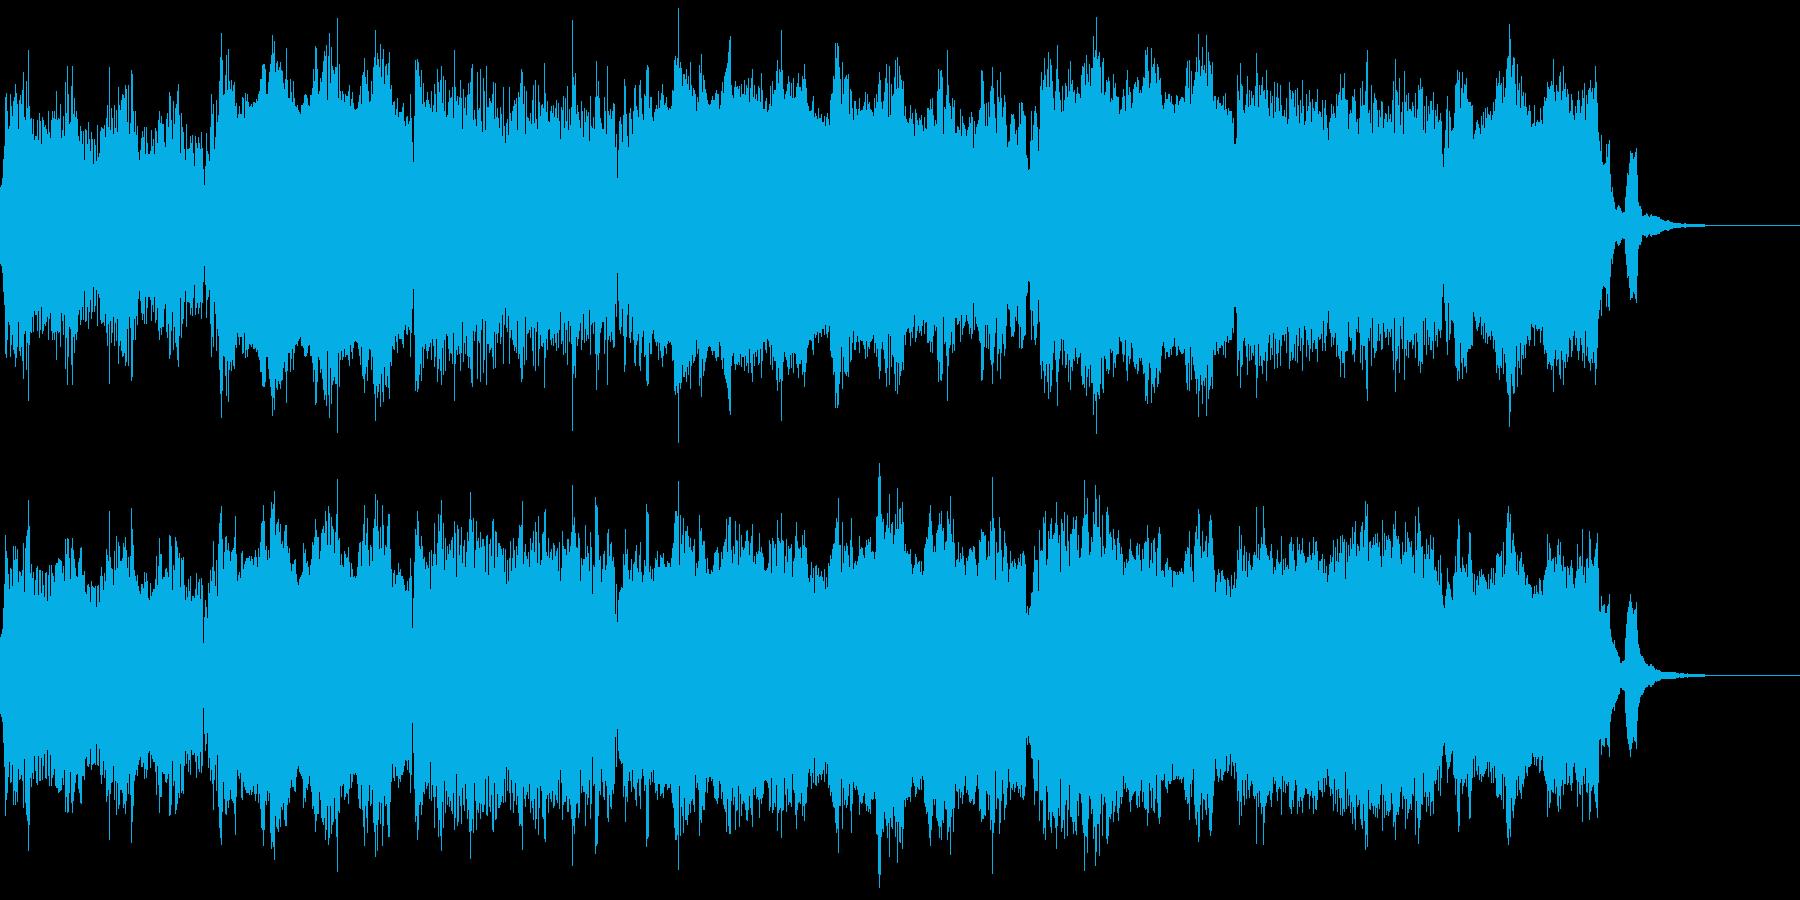 サスペンス、ミステリー、不安通常verの再生済みの波形